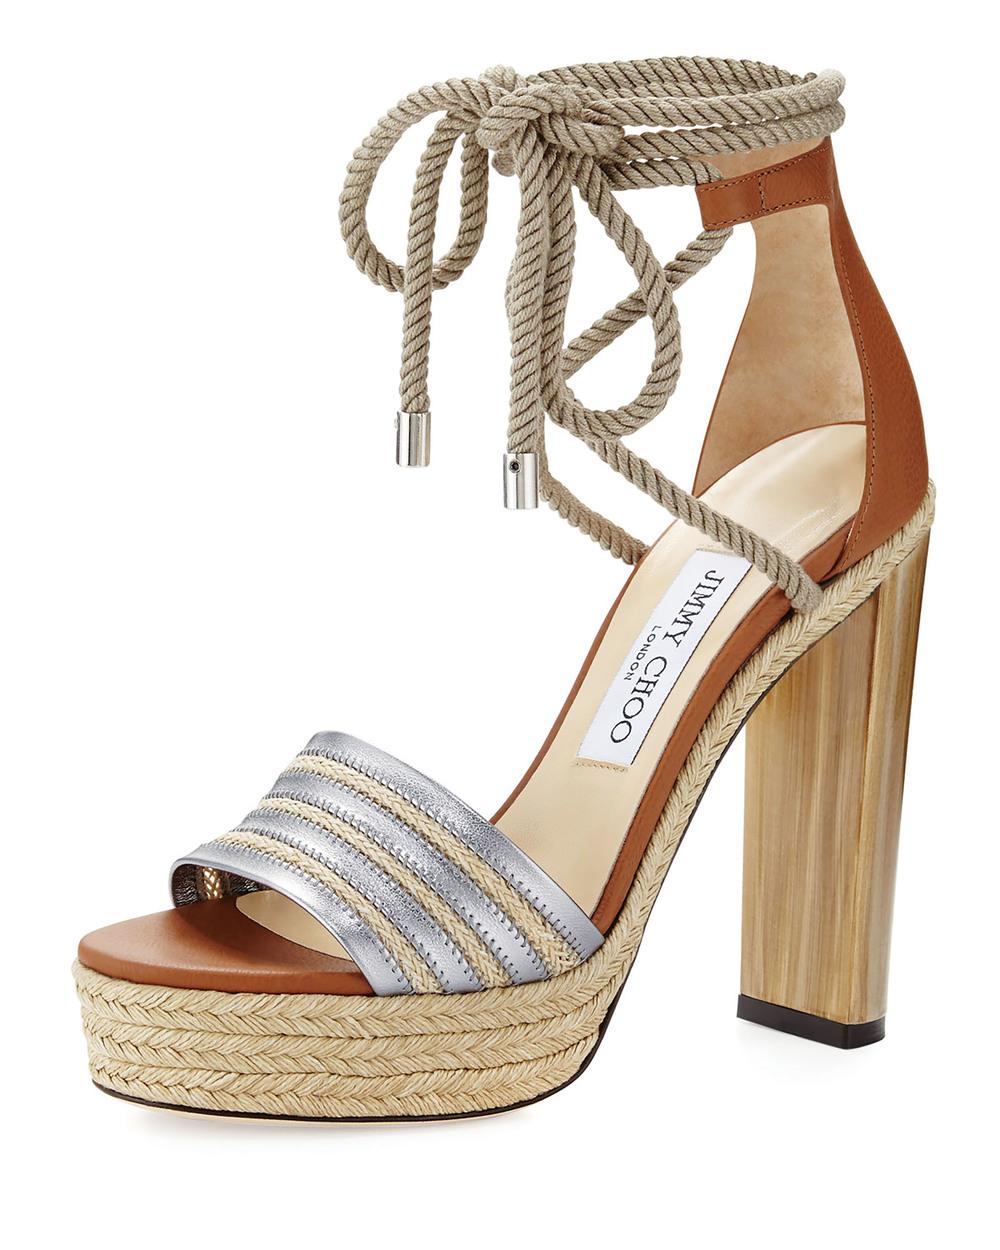 Jimmy Choo Maye Rope Tie Platform Sandal $1,437